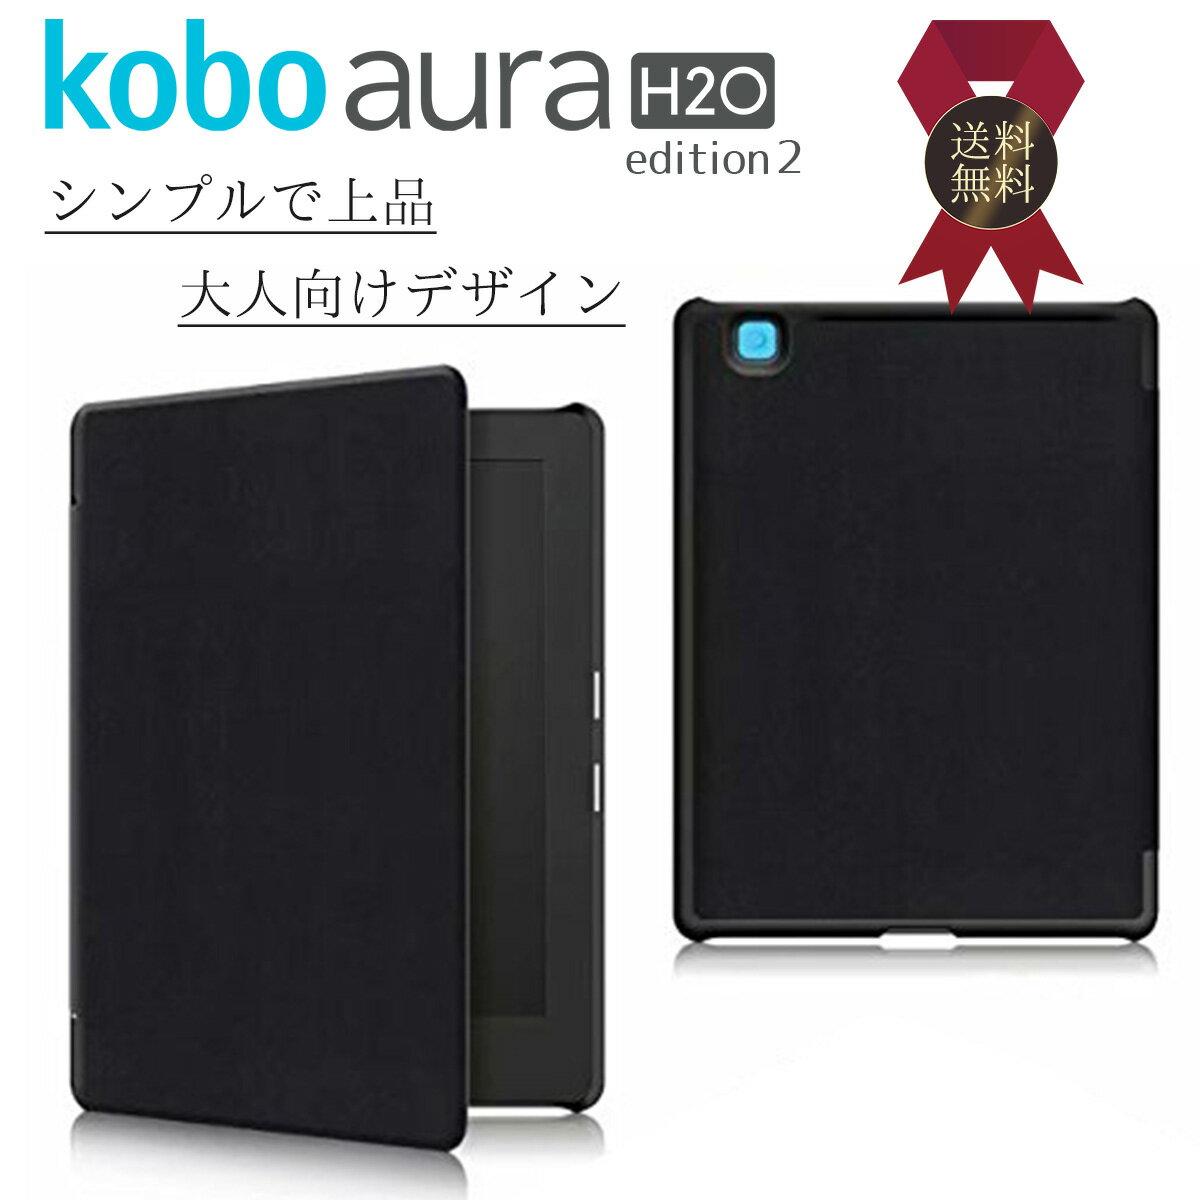 タブレットPCアクセサリー, タブレットカバー・ケース kobo aura H2O Edition 2 PC Black